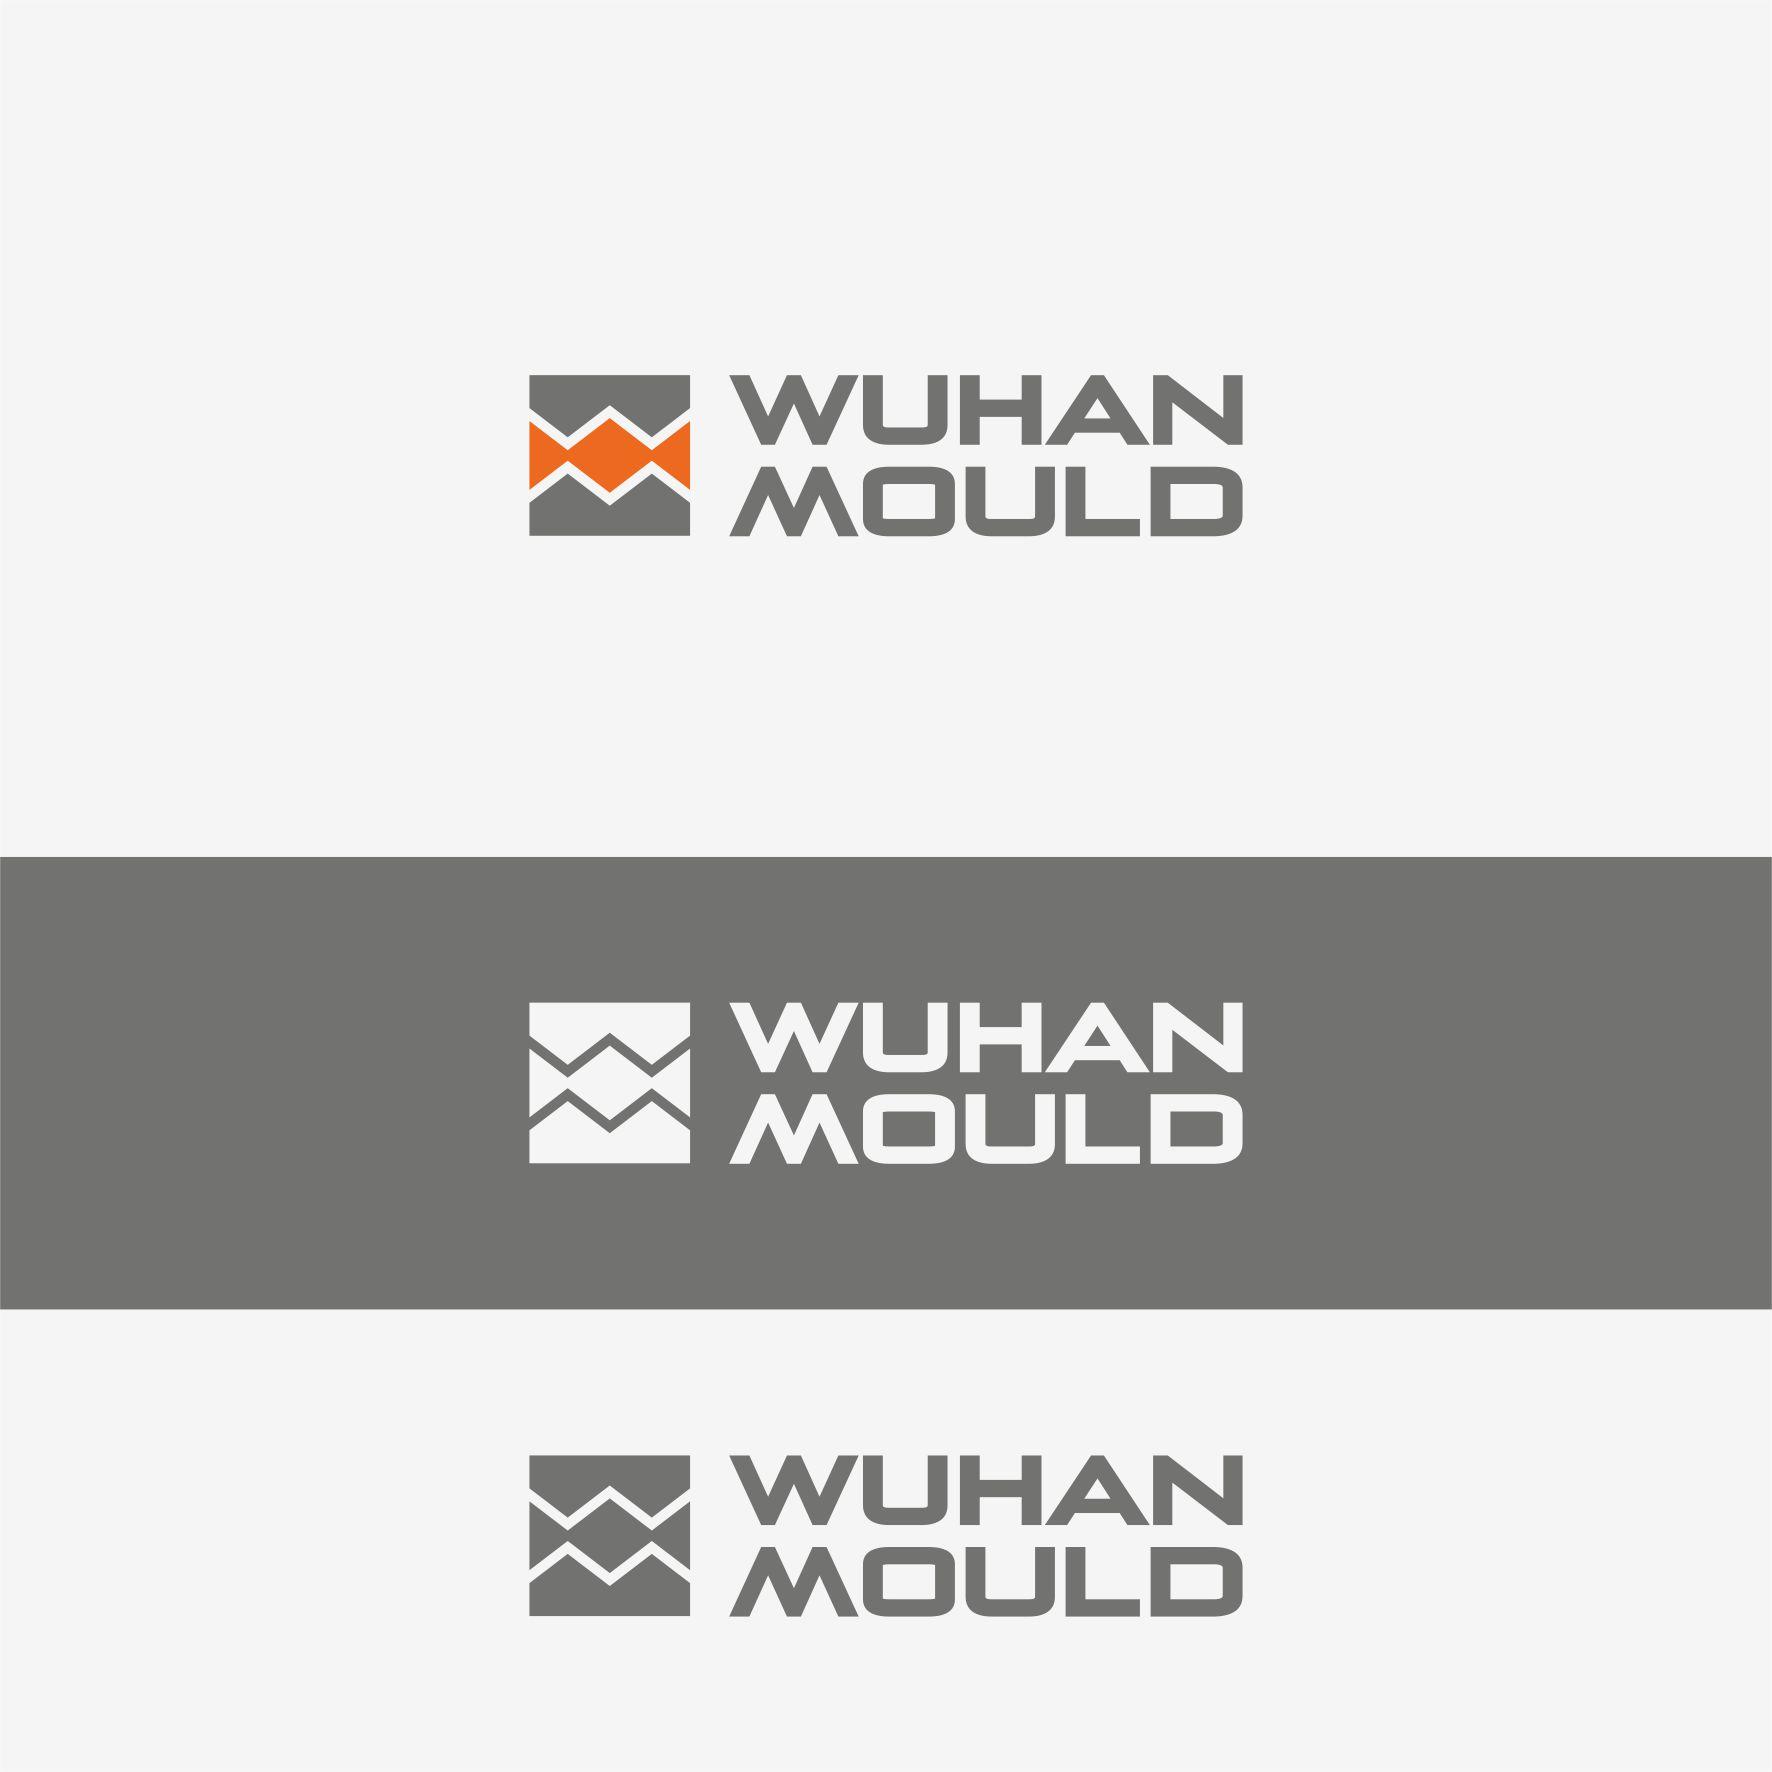 Создать логотип для фабрики пресс-форм фото f_561598a41706c9c6.jpg